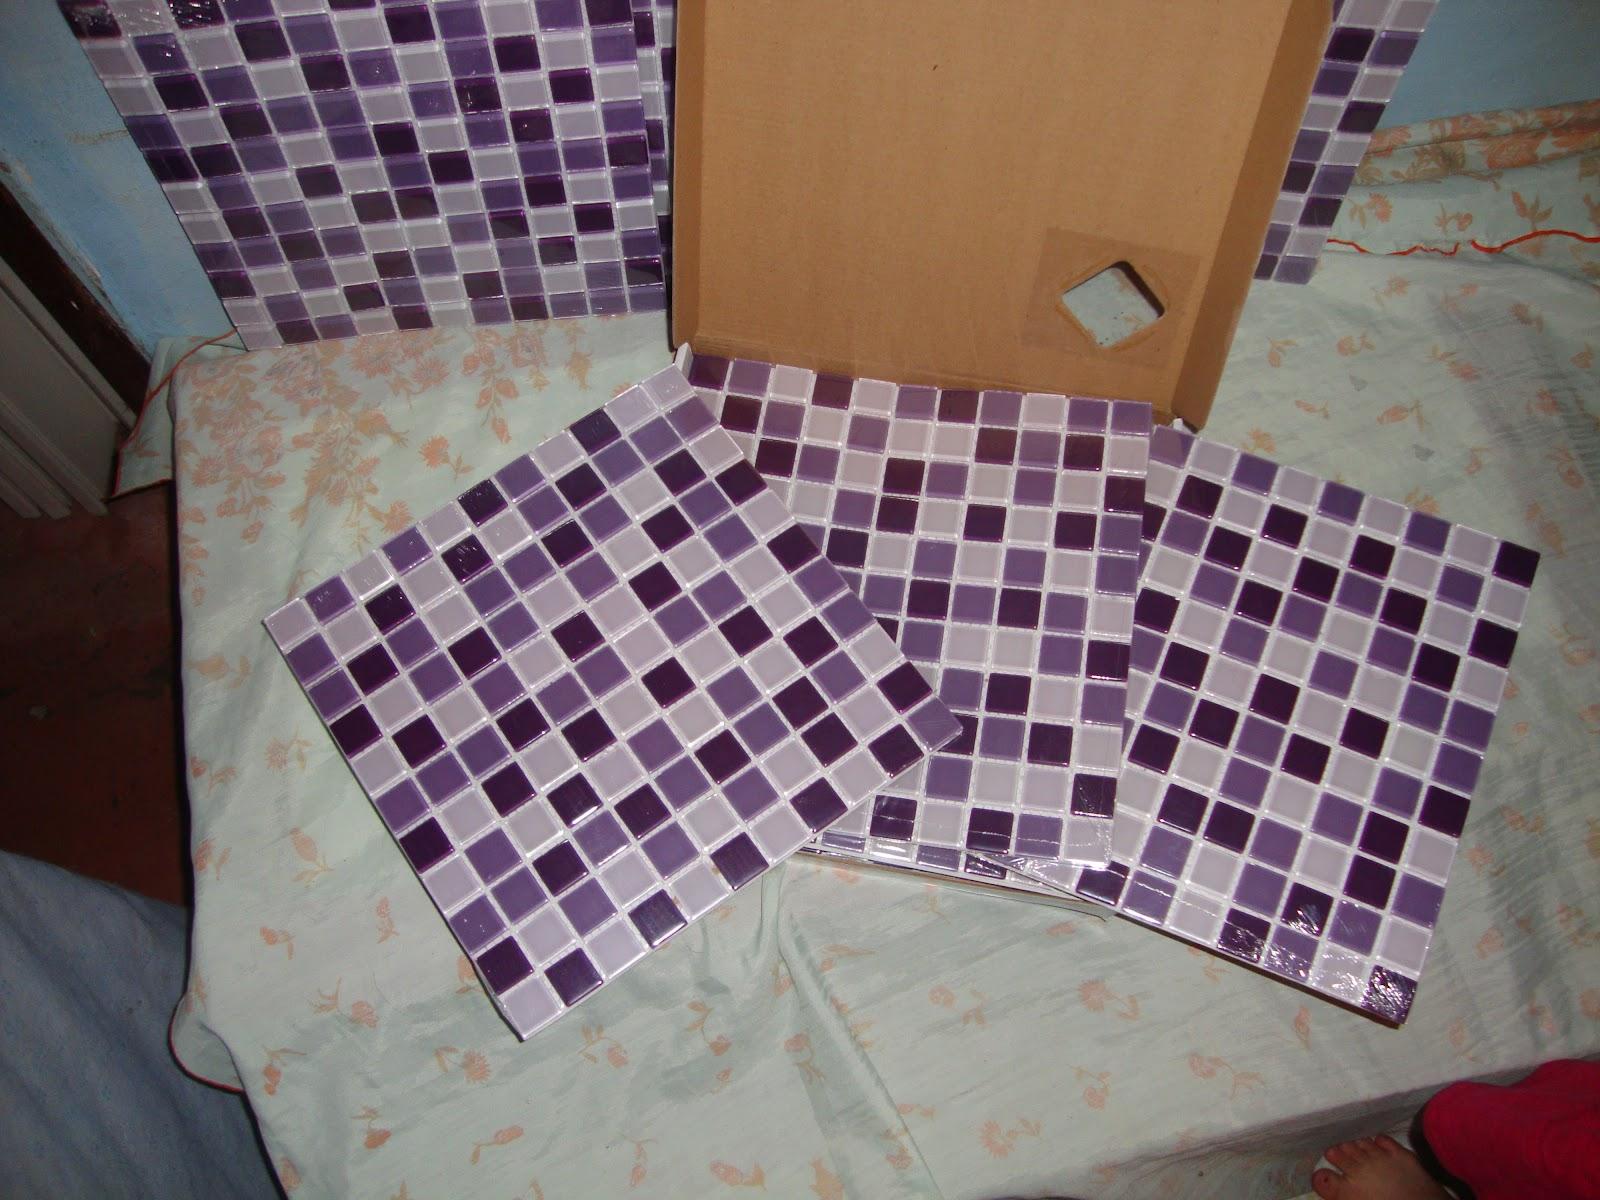 Banheiro Com Pastilhas De Vidro Lilas  rinkratmagcom banheiros decorados 2017 -> Banheiros Decorados Lilas